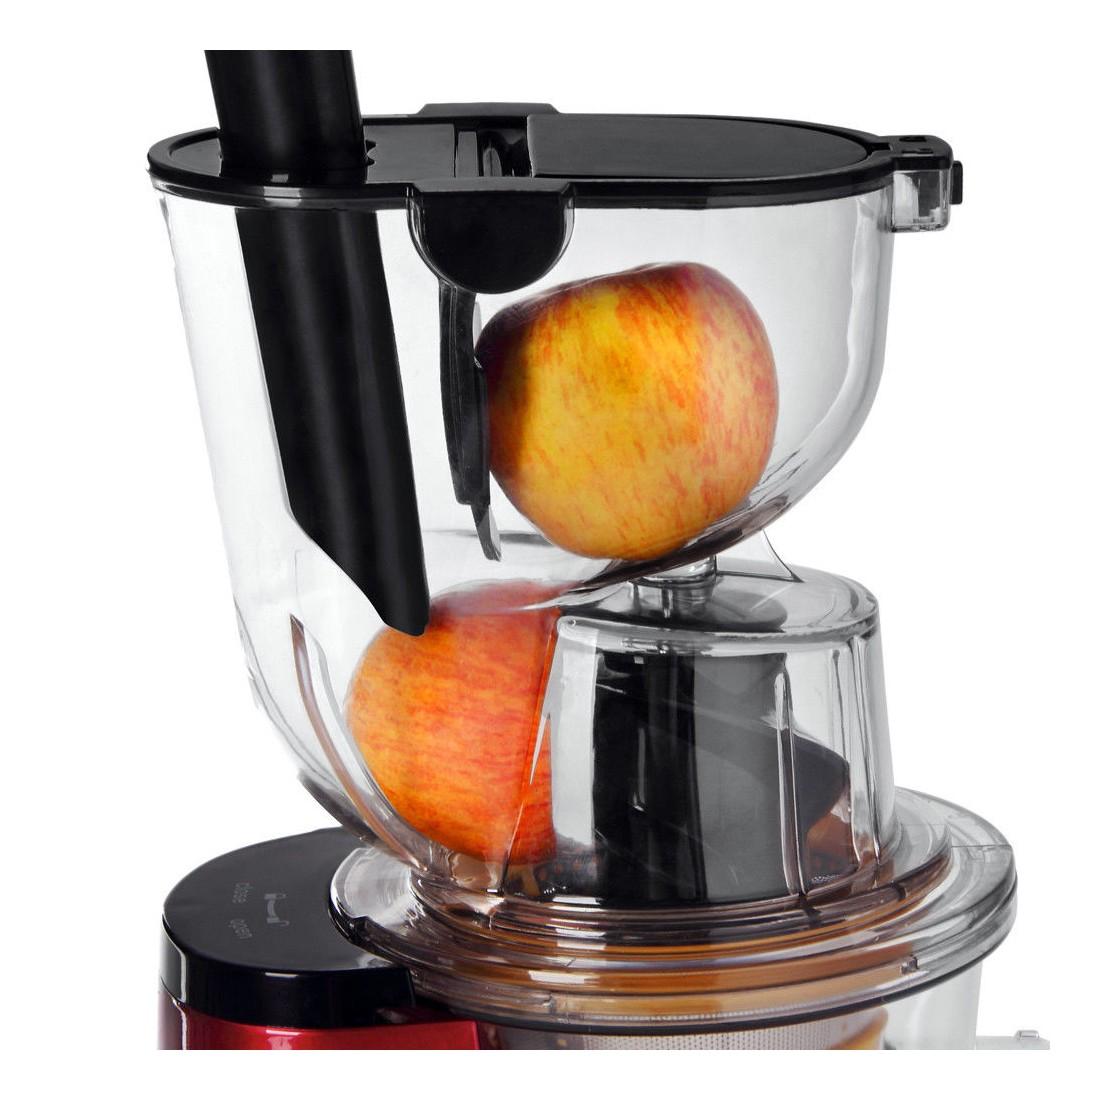 Máy ép trái cây chậm Monzana-Thế giới đồ gia dụng HMD